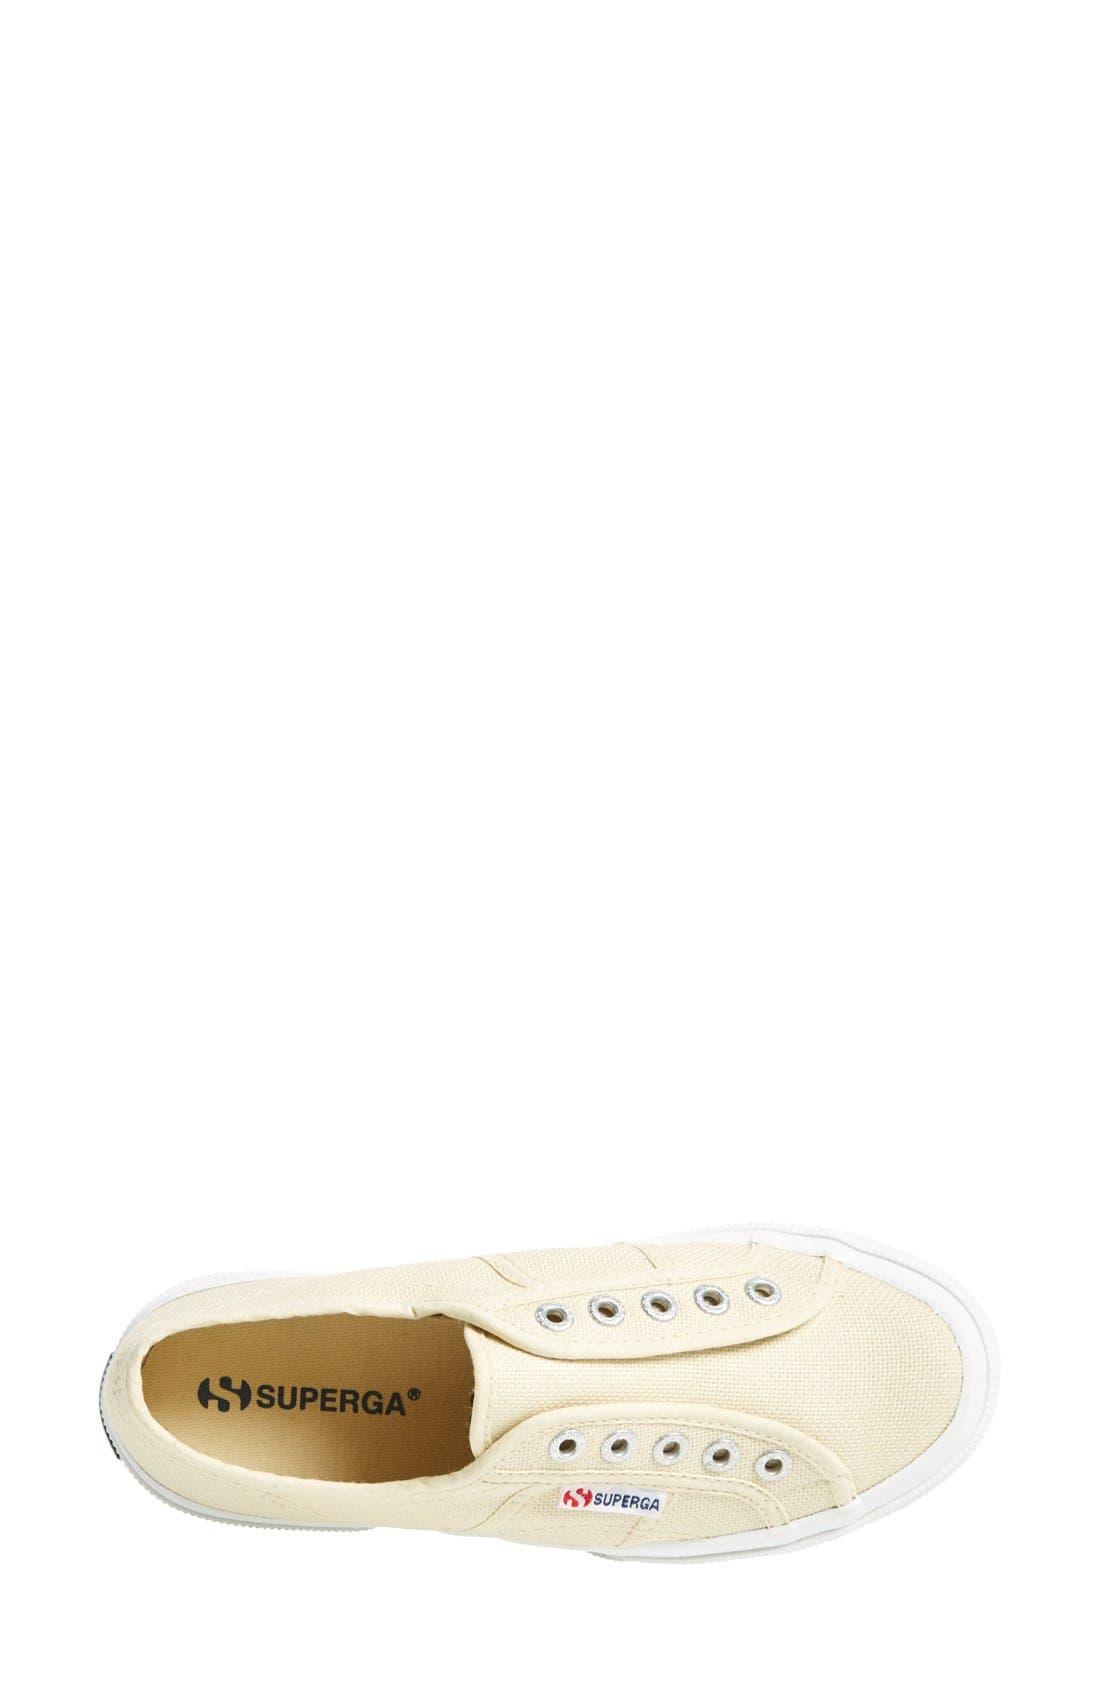 Alternate Image 3  - Superga 'Cotu' Slip-On Sneaker (Women)